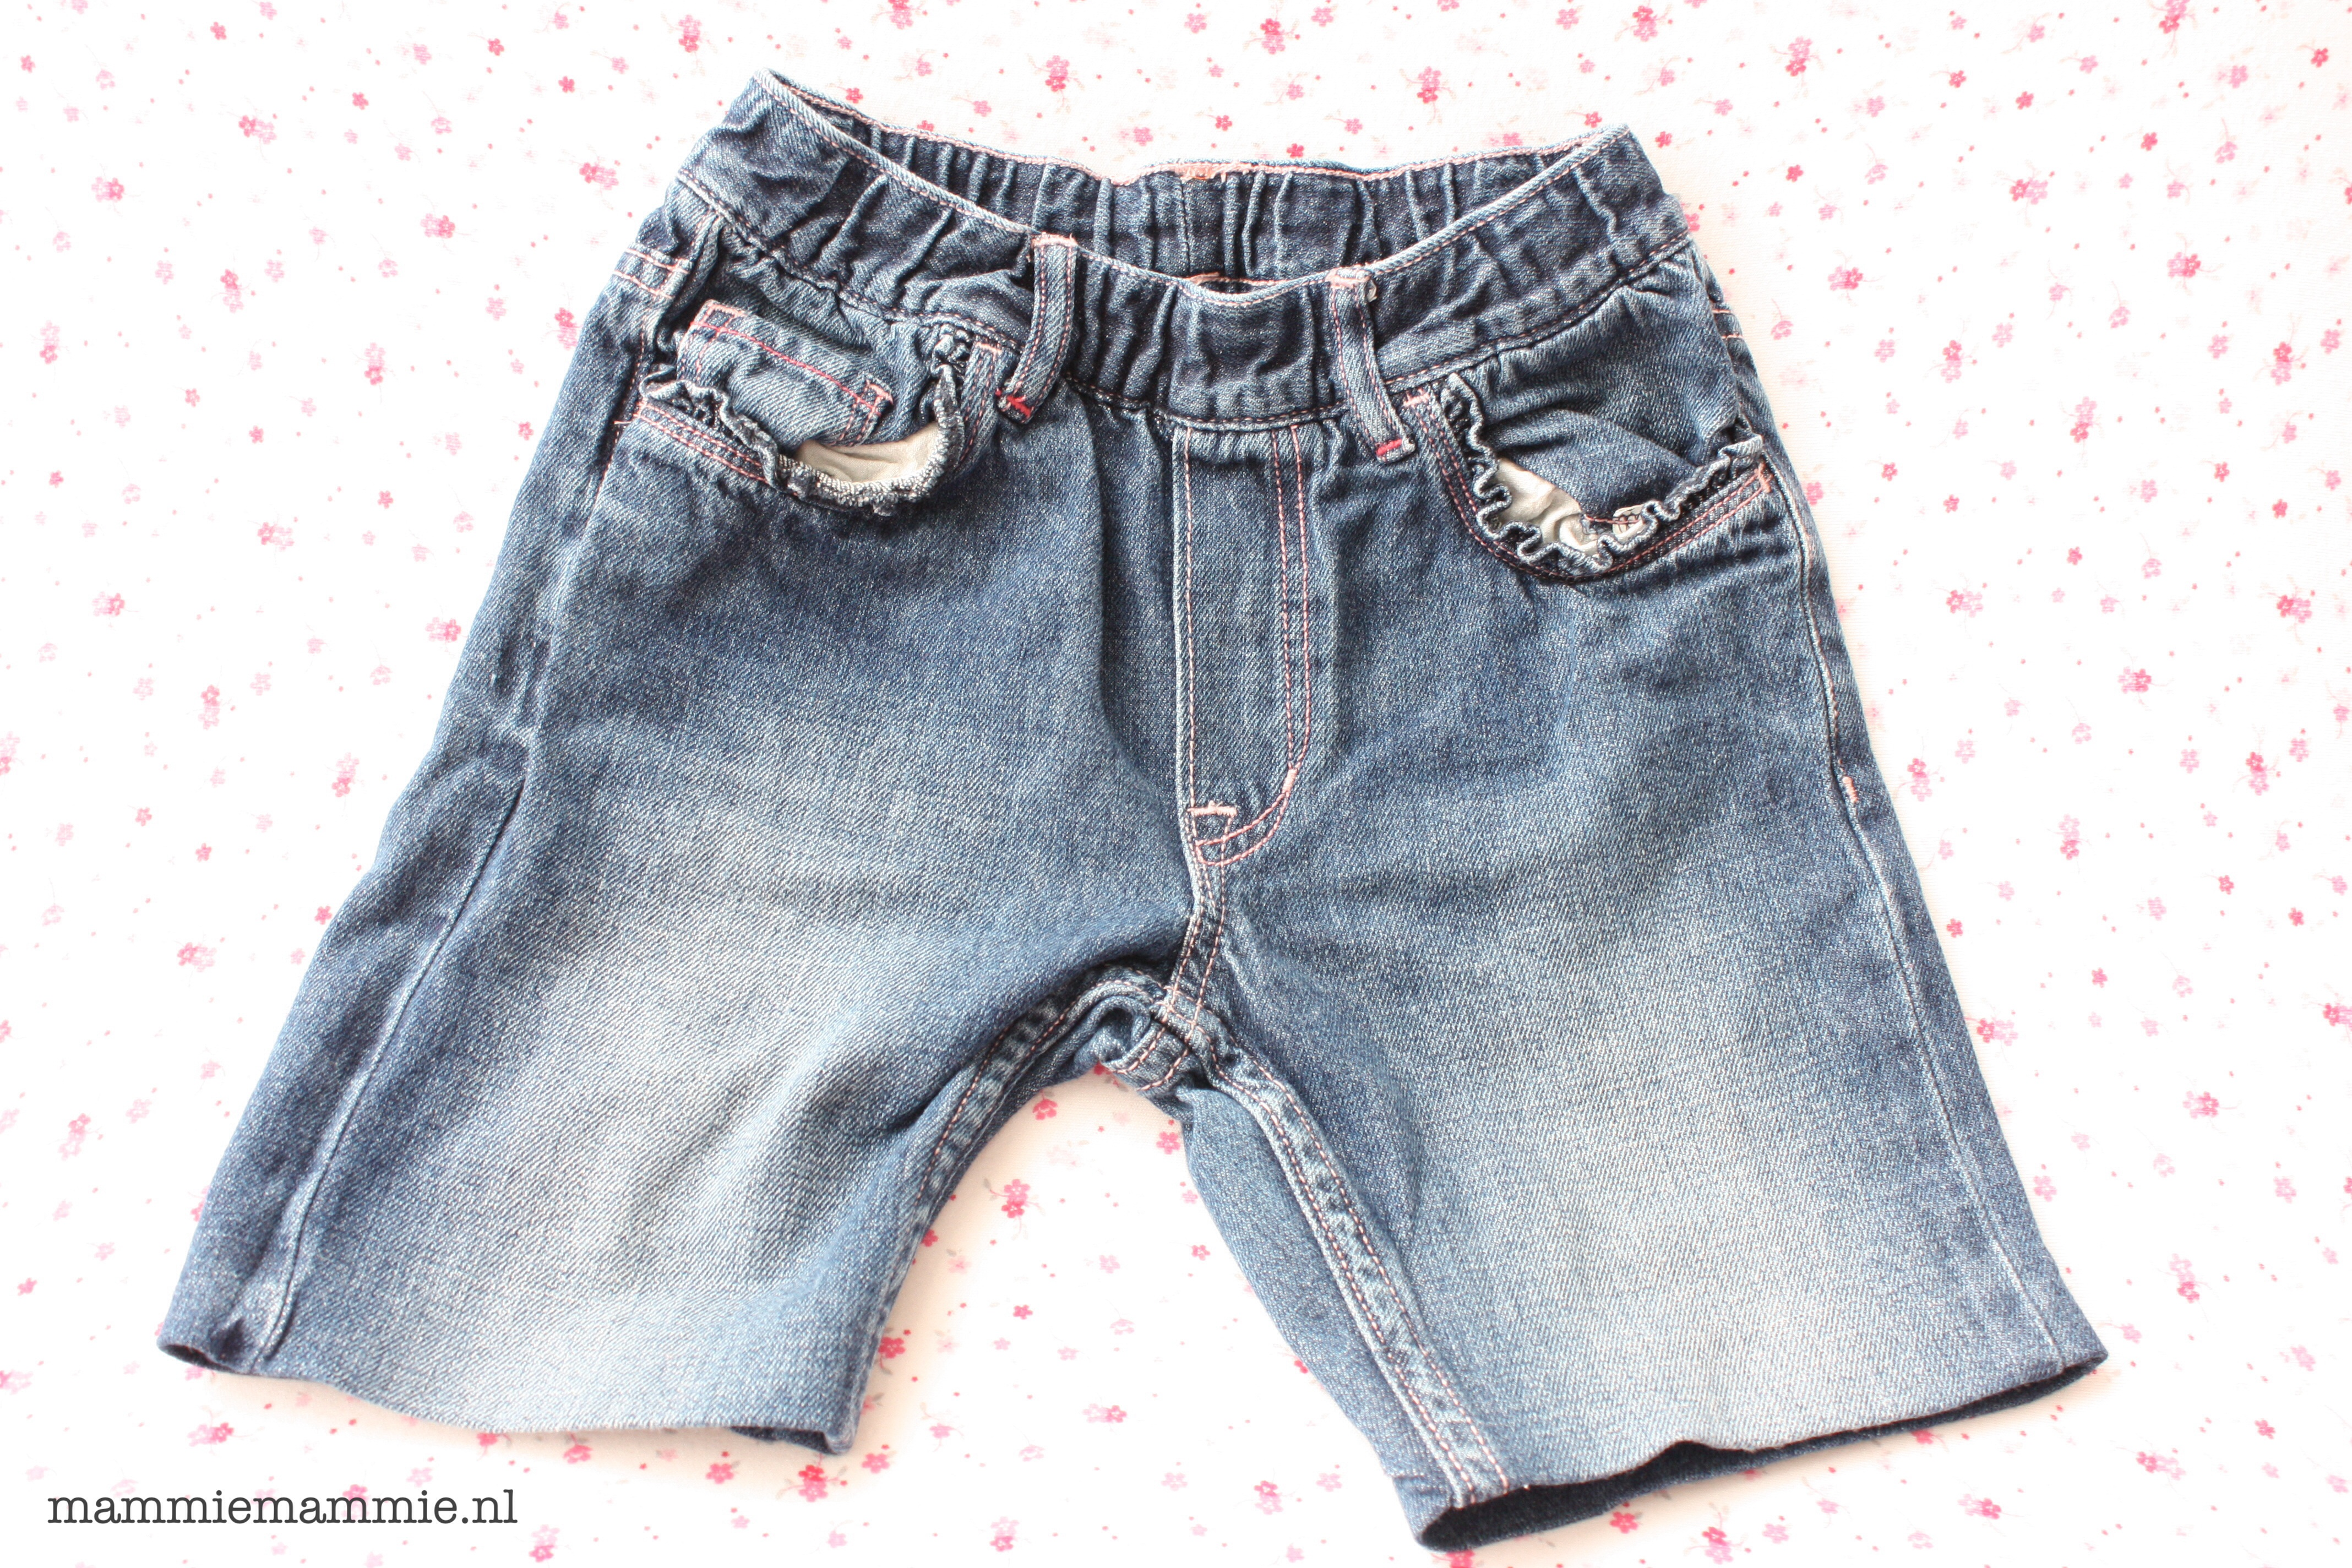 hoe verkort je een broek